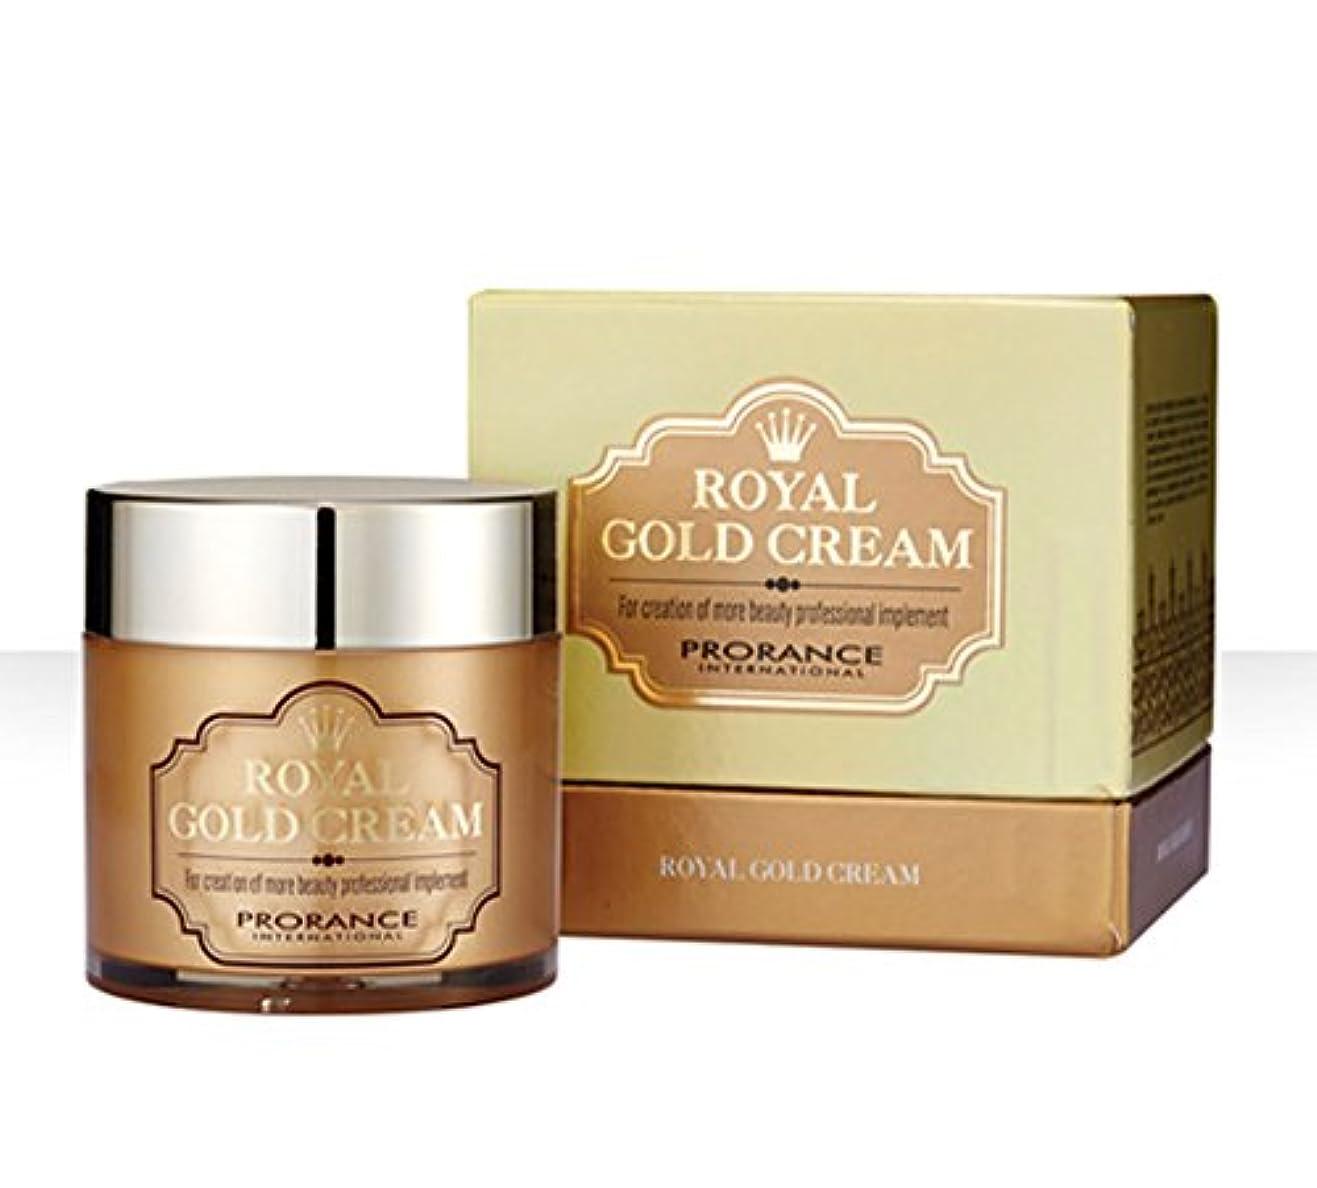 オリエンテーション先に飛ぶ[PRORANCE] ロイヤルゴールドクリーム70ml /保湿?美白/純金(純度99.9%)/韓国化粧品/ Royal Gold Cream 70ml/moisturizing,whitening/pure gold(99.9% purity)/Korean Cosmetics [並行輸入品]